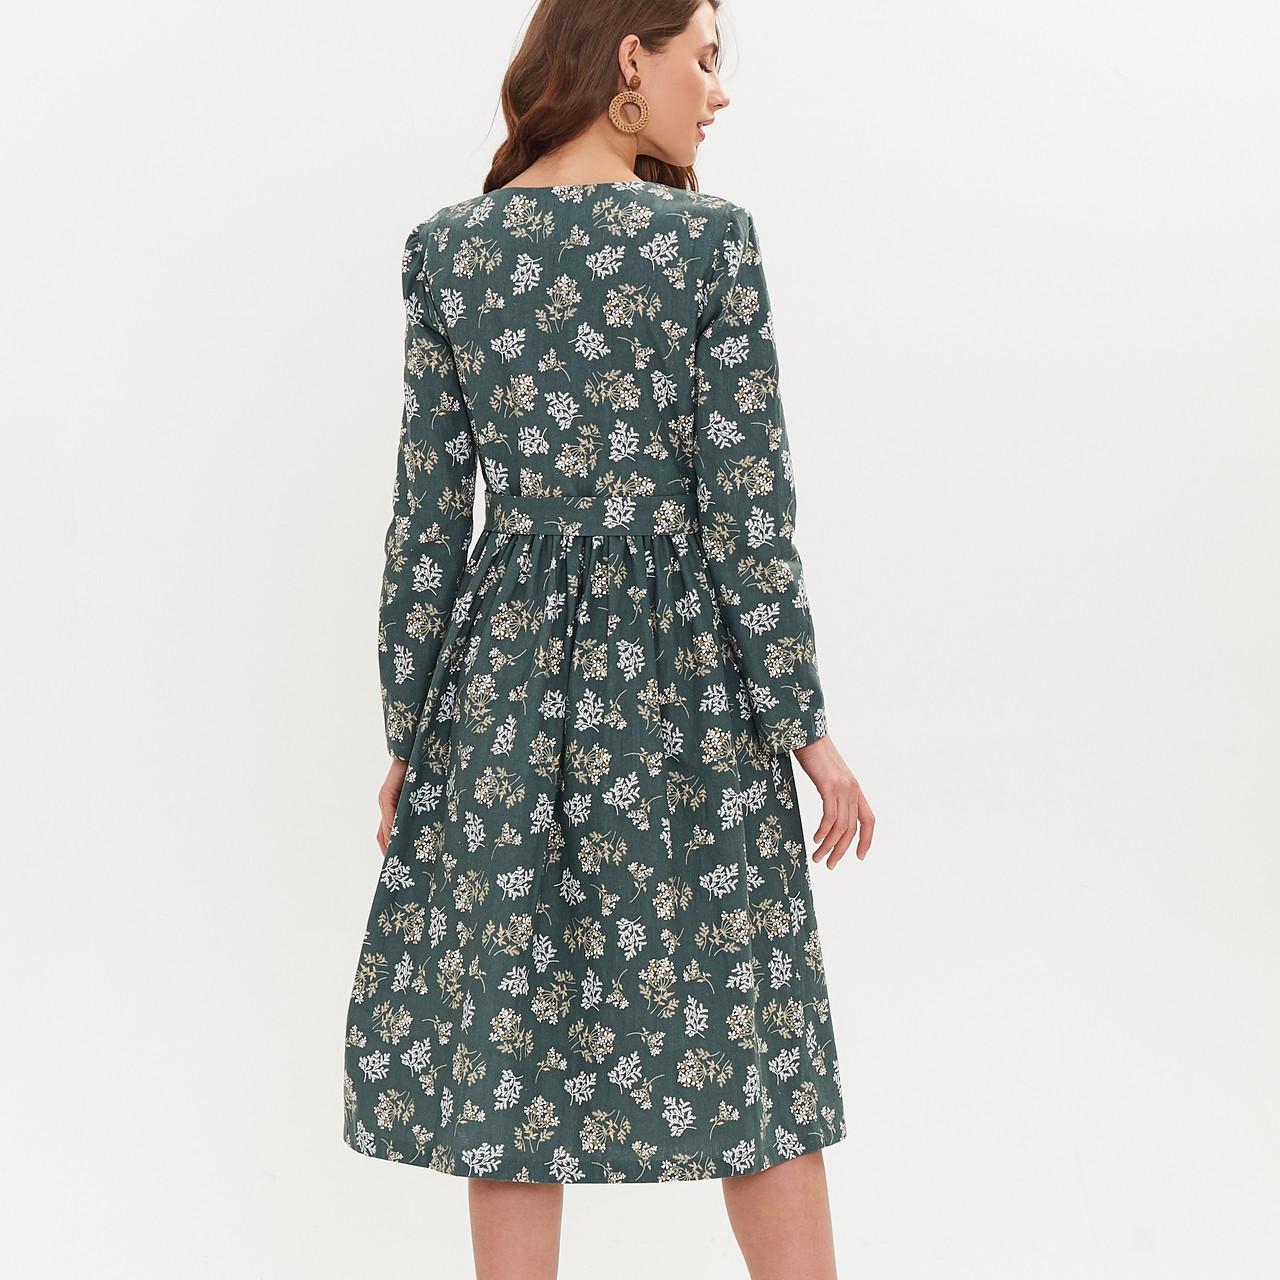 Льняное платье-халат зеленого цвета с растительным принтом. - фото 8